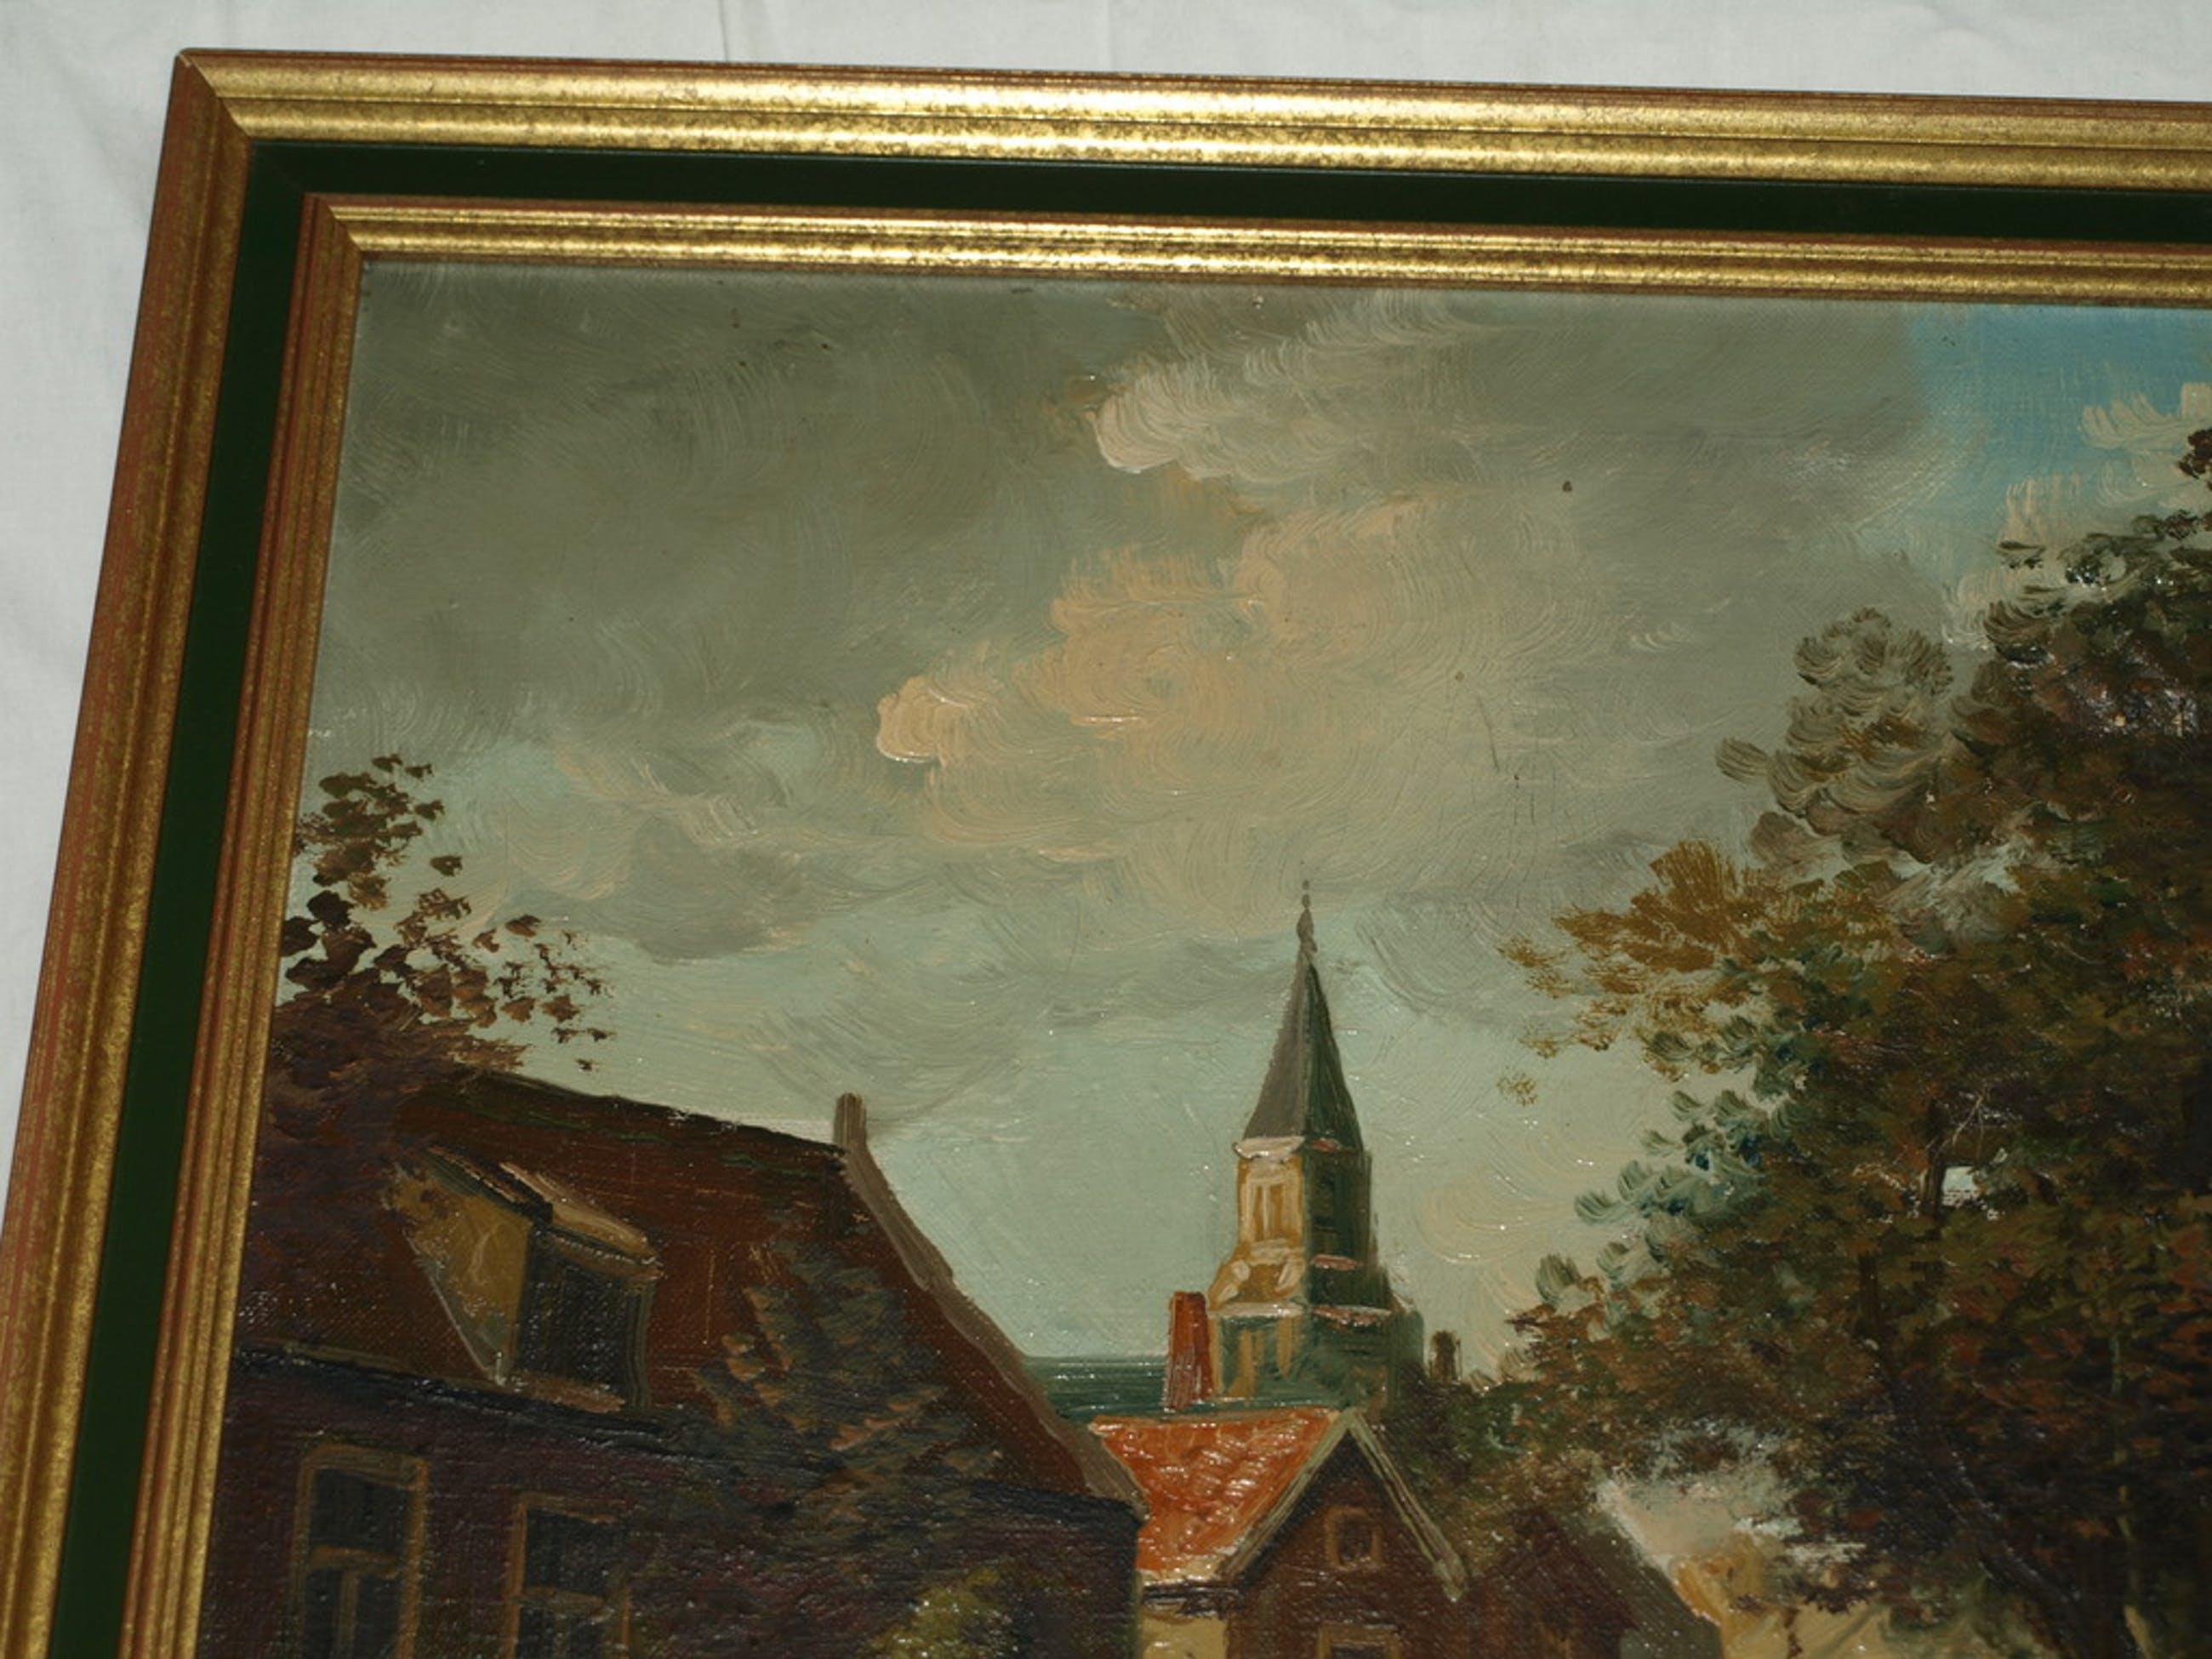 J.H.P. Hoppe - Olieverf op doek – Dorpsgezicht – Gesigneerd & ingelijst kopen? Bied vanaf 50!